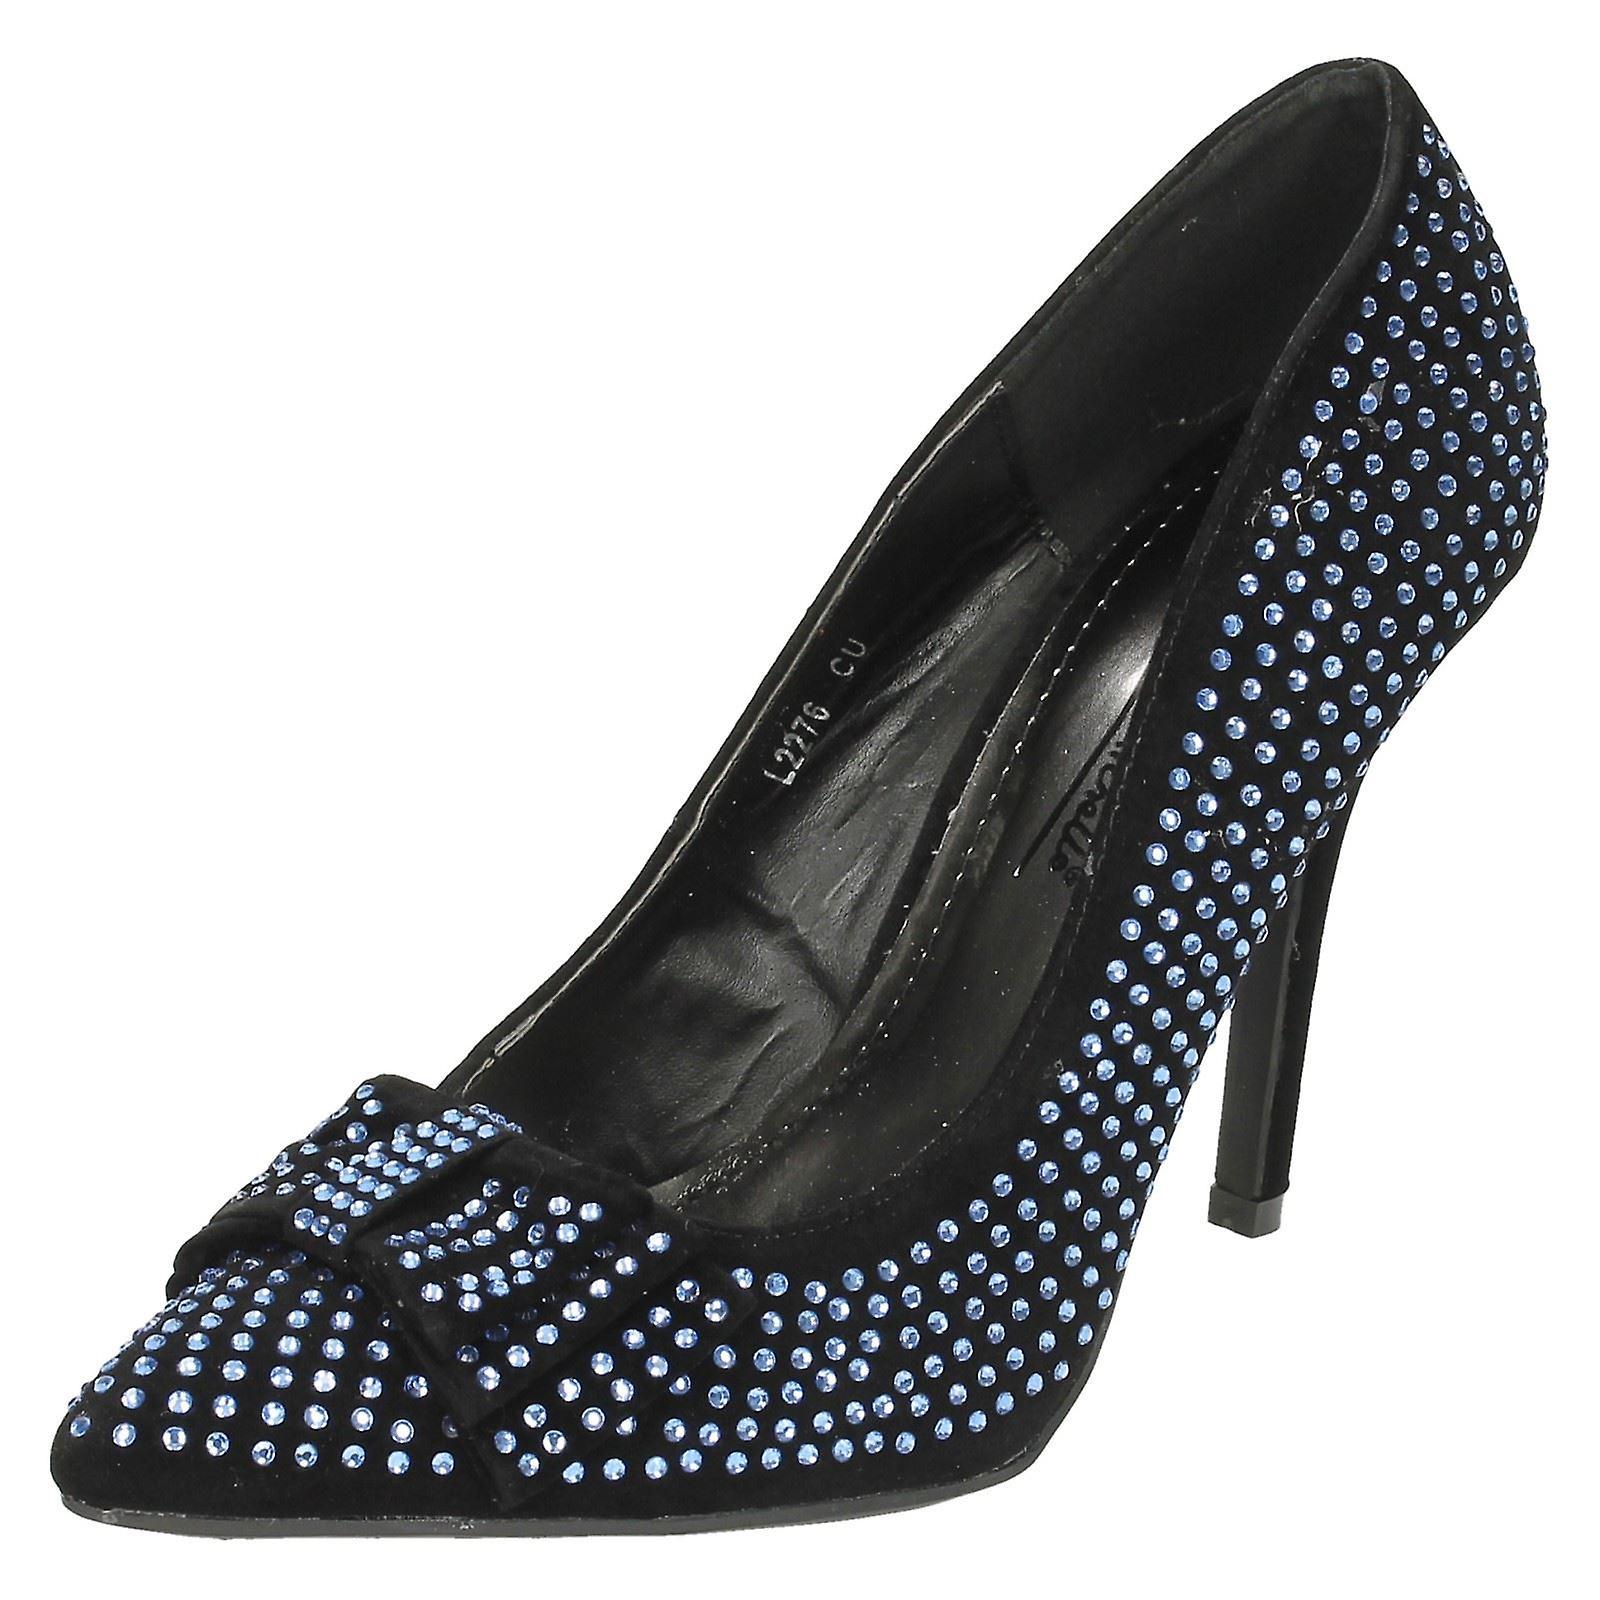 Ladies Anne Michelle Shoes-Low Diamante Bow Detail Party Shoes-Low Michelle price sale-Men's/Women's 553b6b